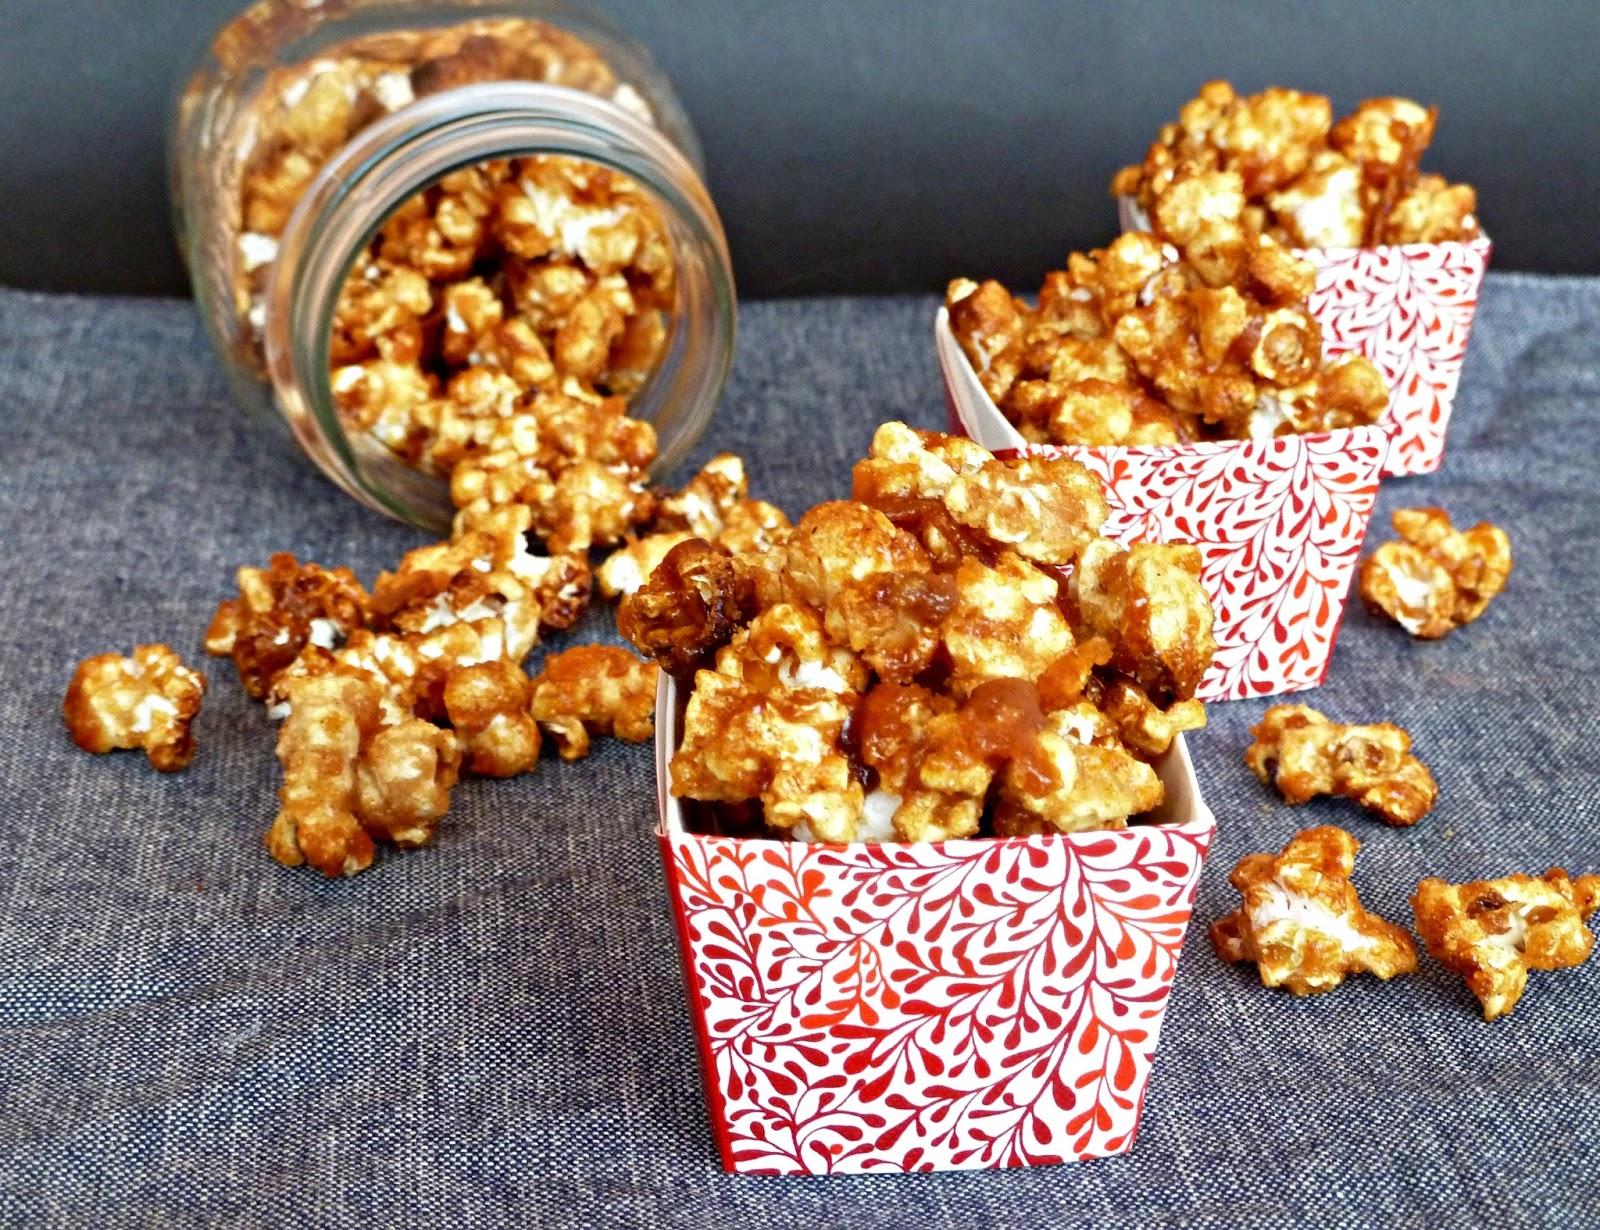 Una Fiera en mi cocina: Cinnamon popcorn (Palomitas de maíz con canela)